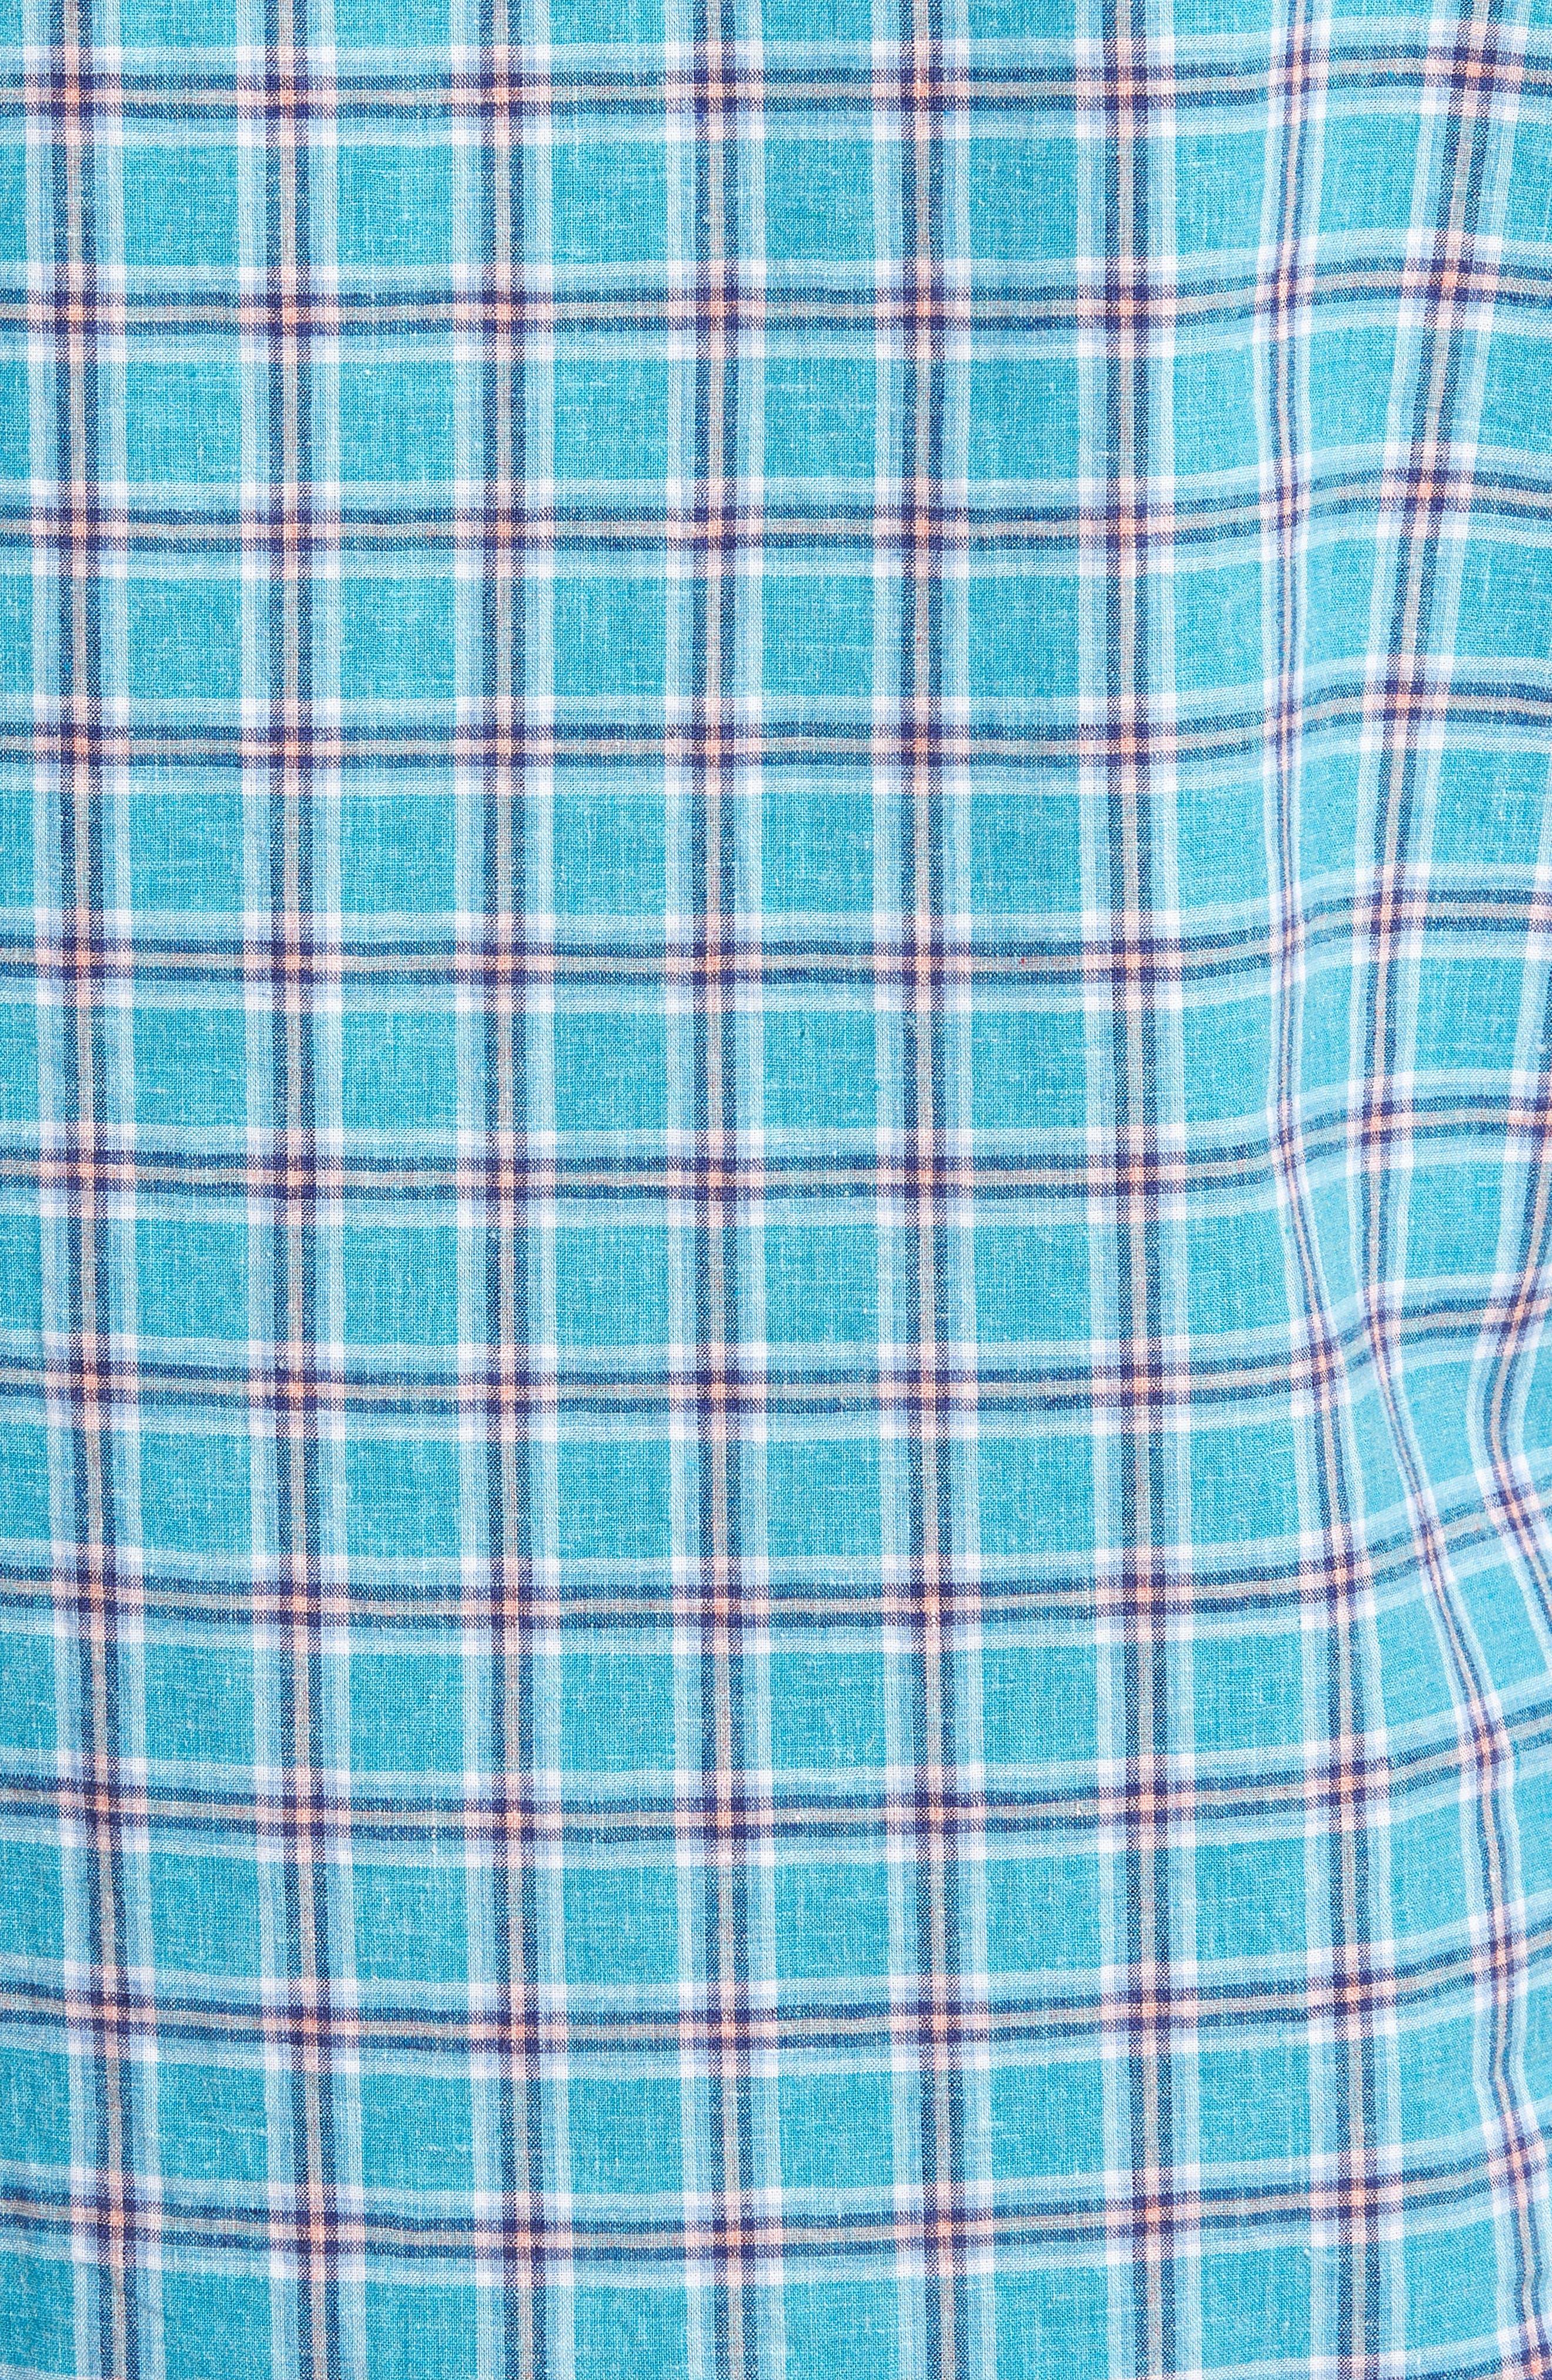 Ivy Trim Fit Plaid Cotton & Linen Sport Shirt,                             Alternate thumbnail 5, color,                             440